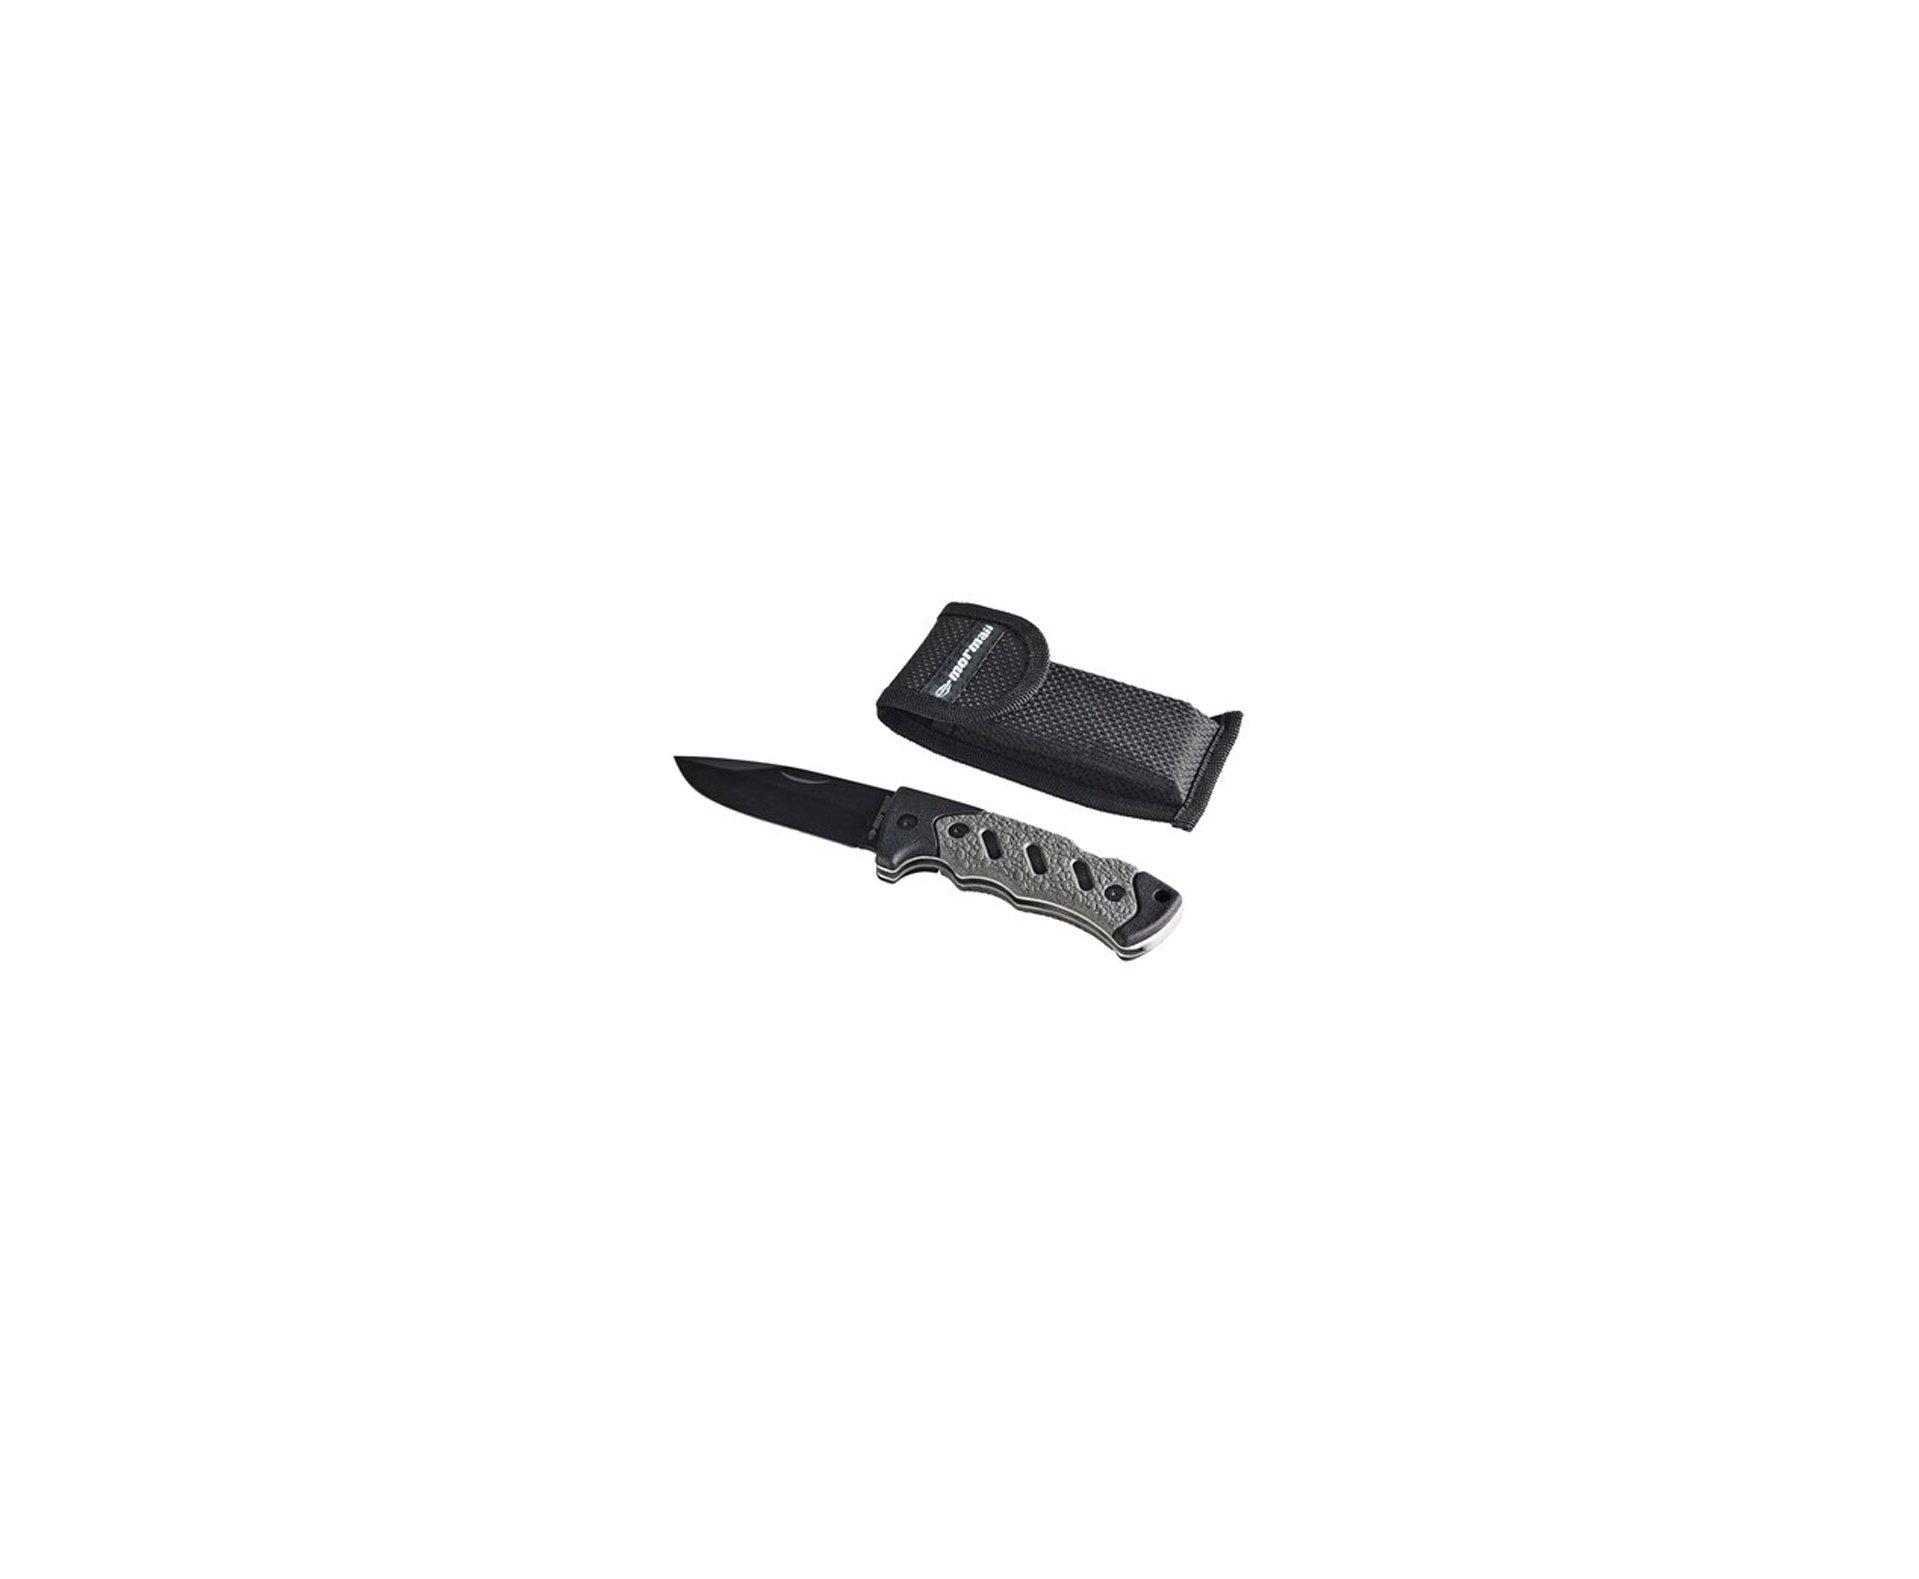 Canivete Rubber Aço 420 - Mormaii